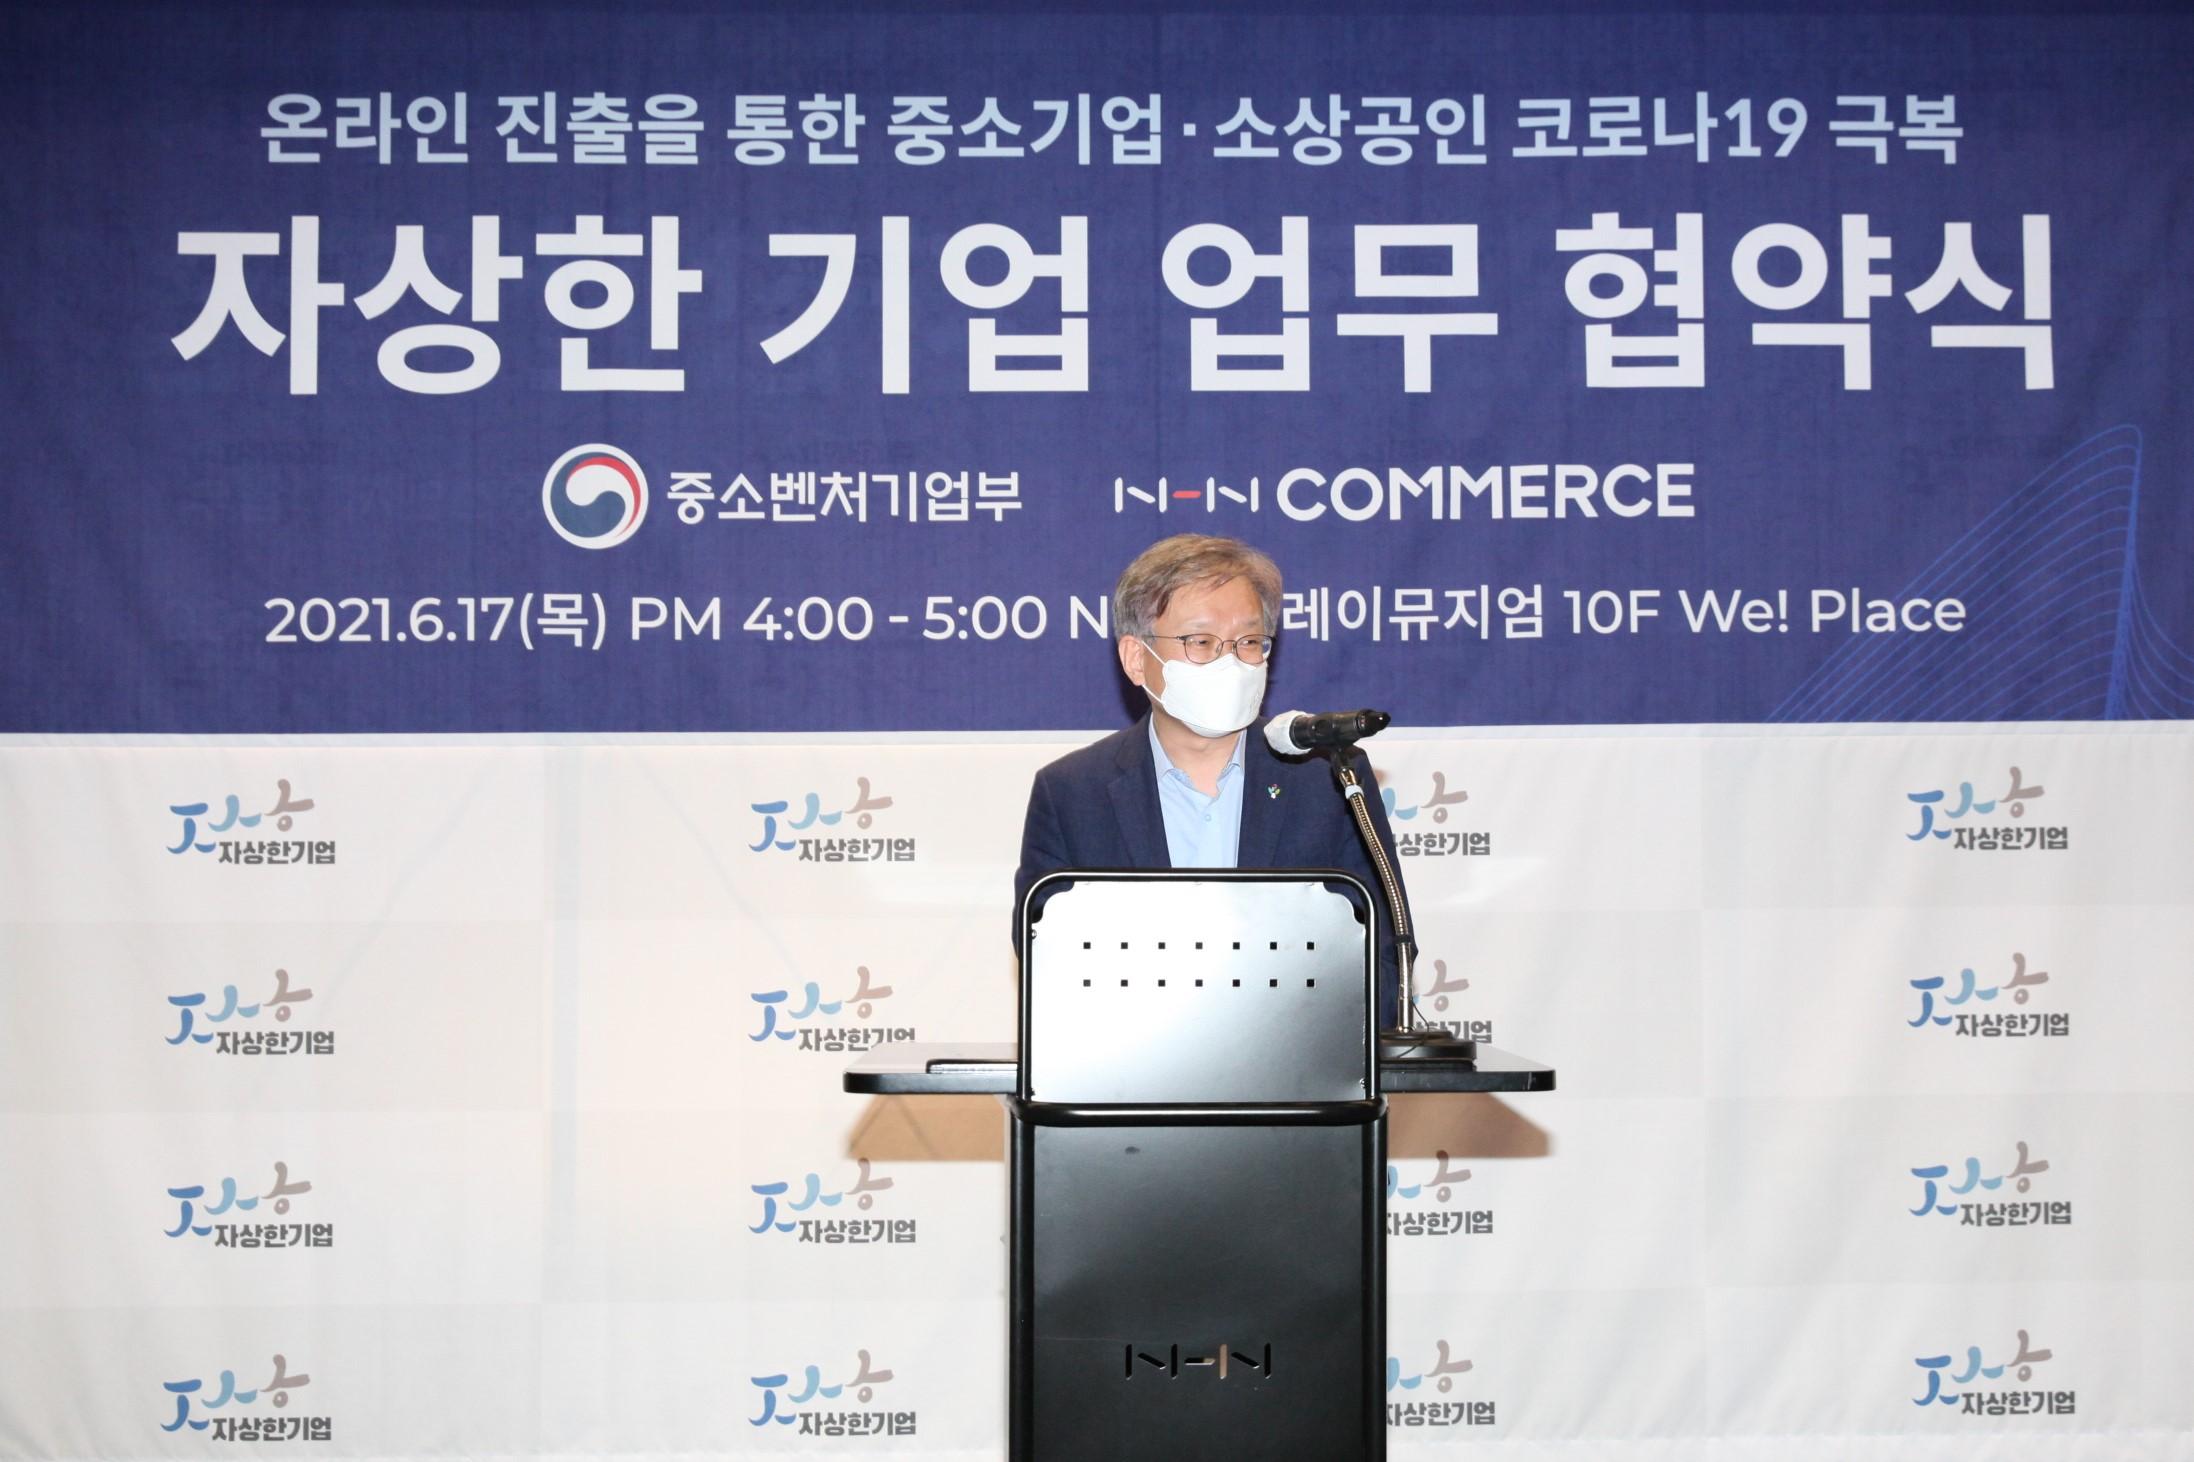 NHN 커머스 부문, '자상한 기업 2.0' 선정!